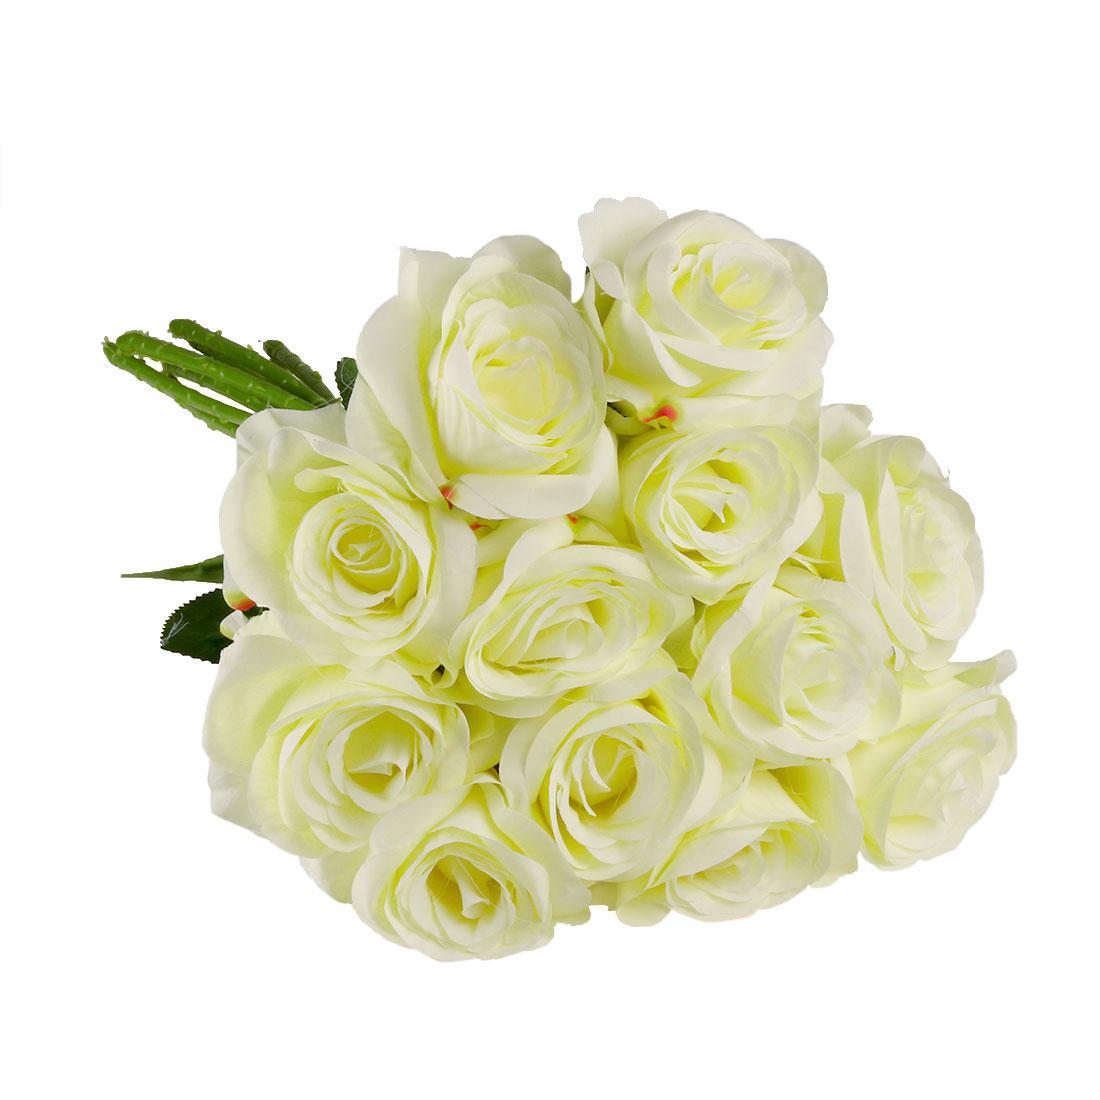 Artificial Silk Rose Flowers Rose Bouquet Wedding Home Decor Light Yellow 12pcs